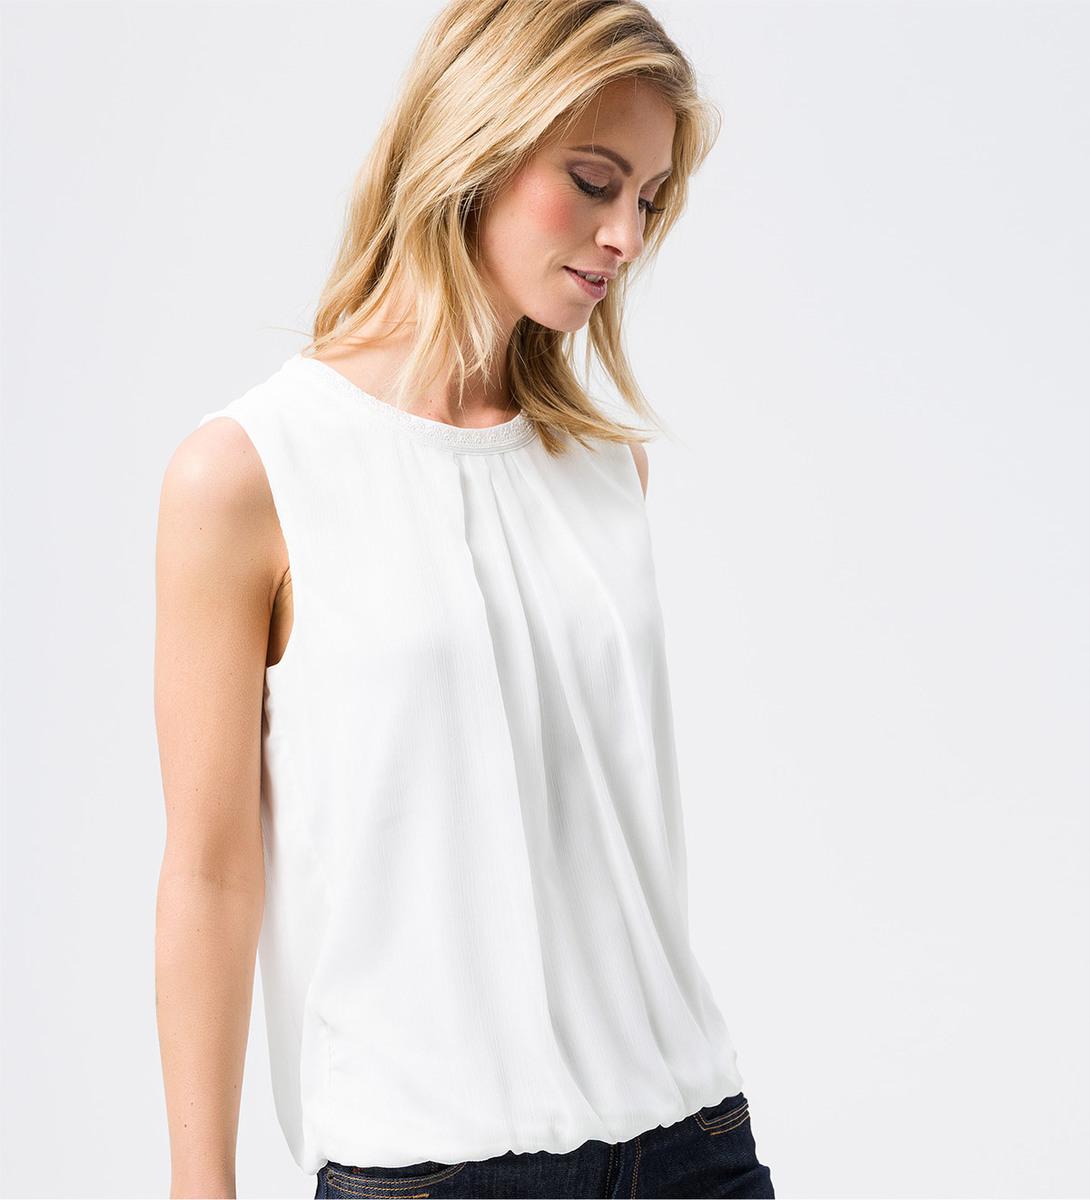 Bluse im ärmellosen Design in offwhite